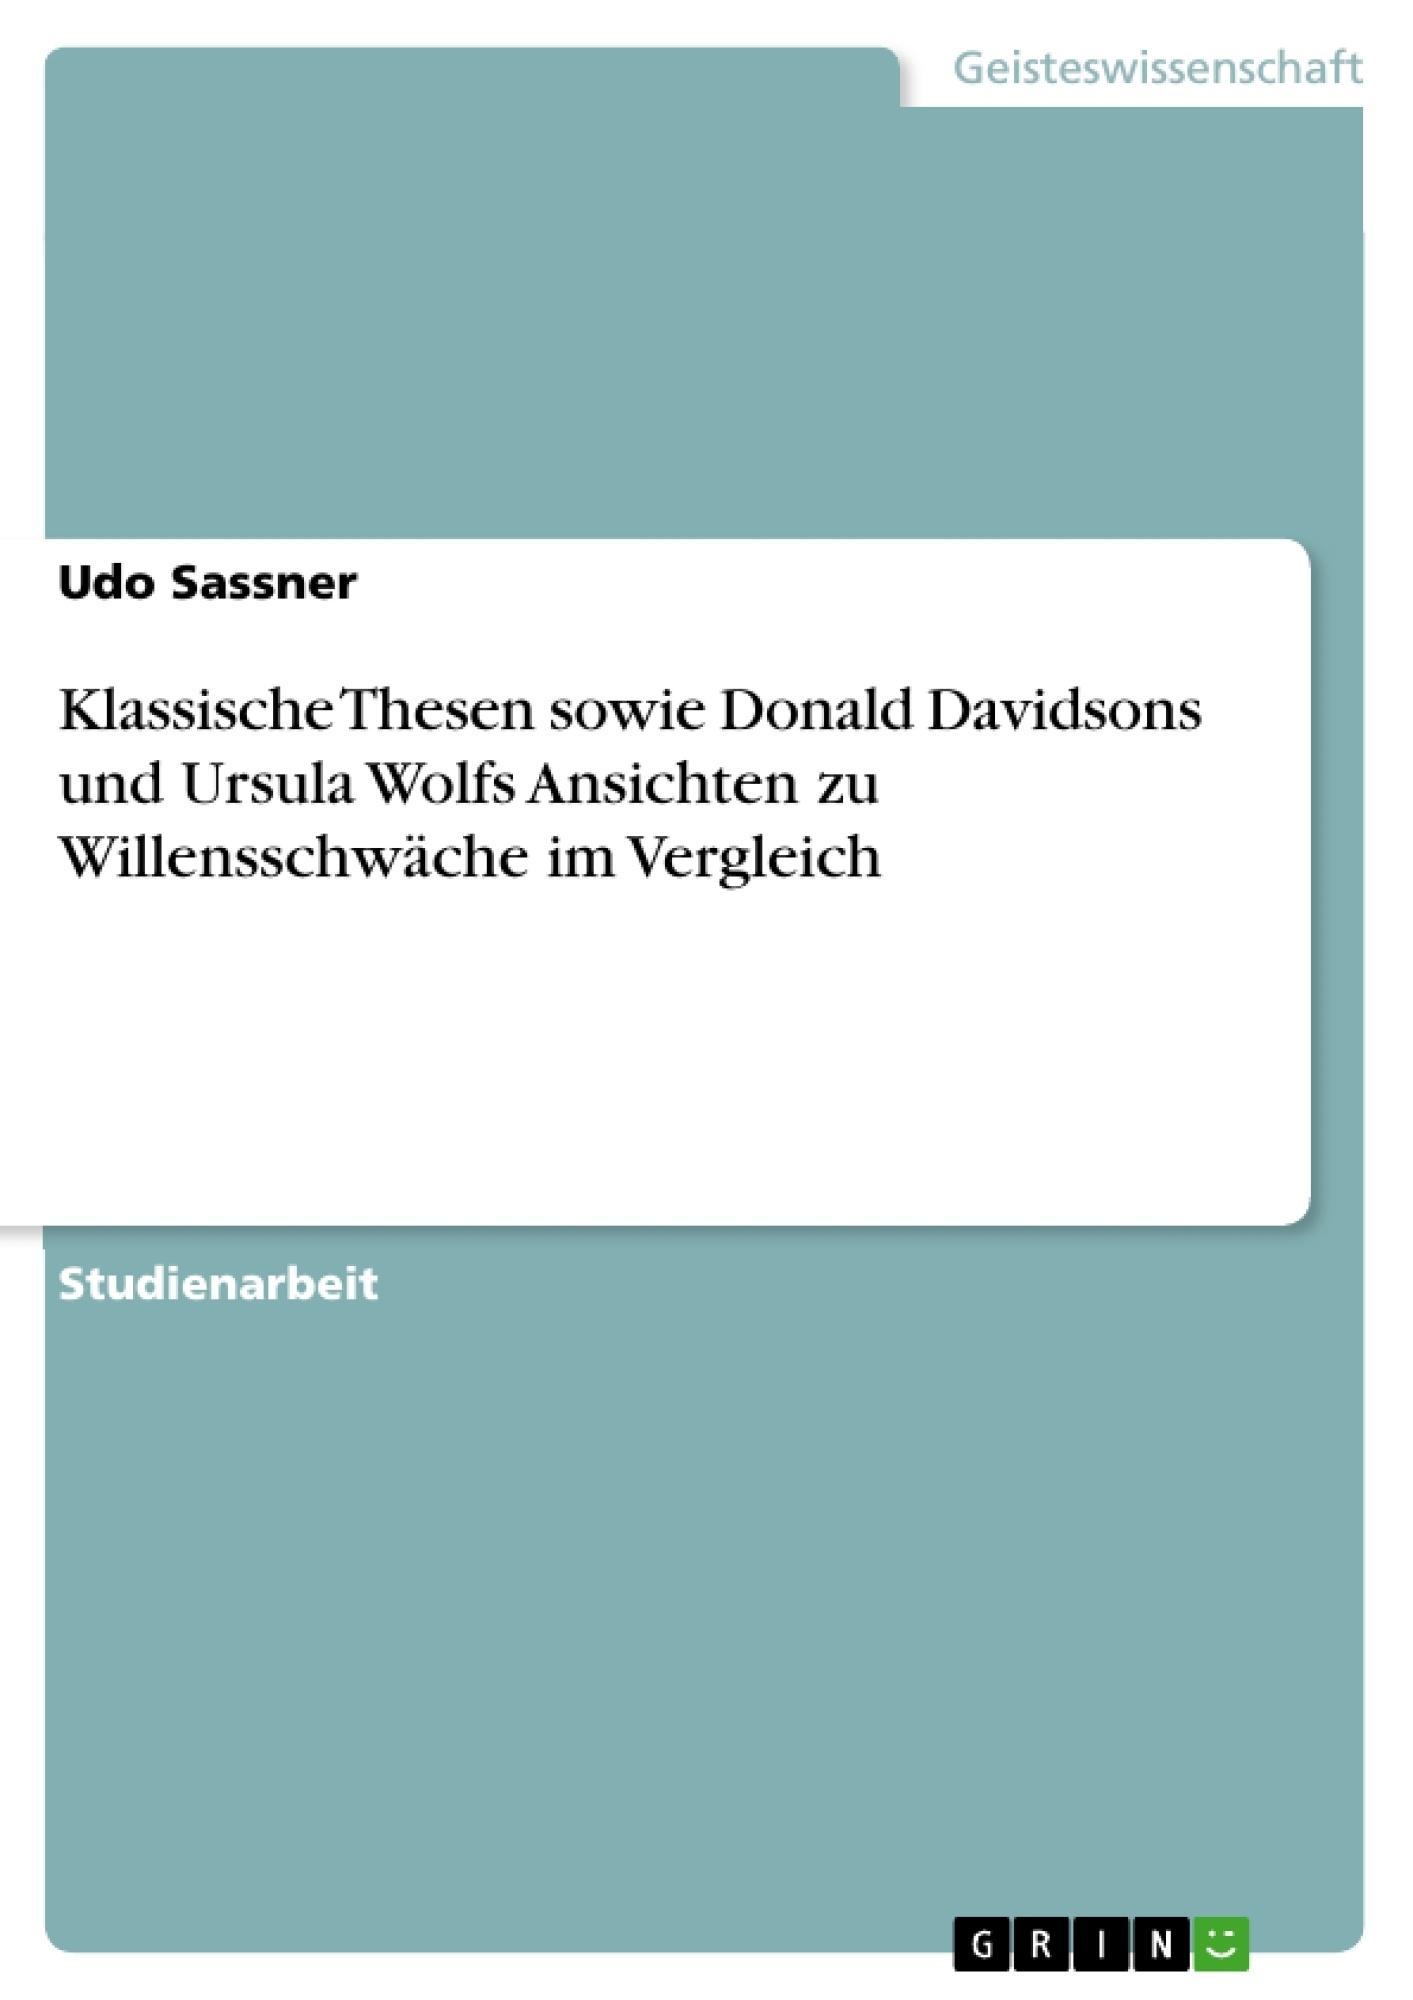 Titel: Klassische Thesen sowie Donald Davidsons und Ursula Wolfs Ansichten zu Willensschwäche im Vergleich